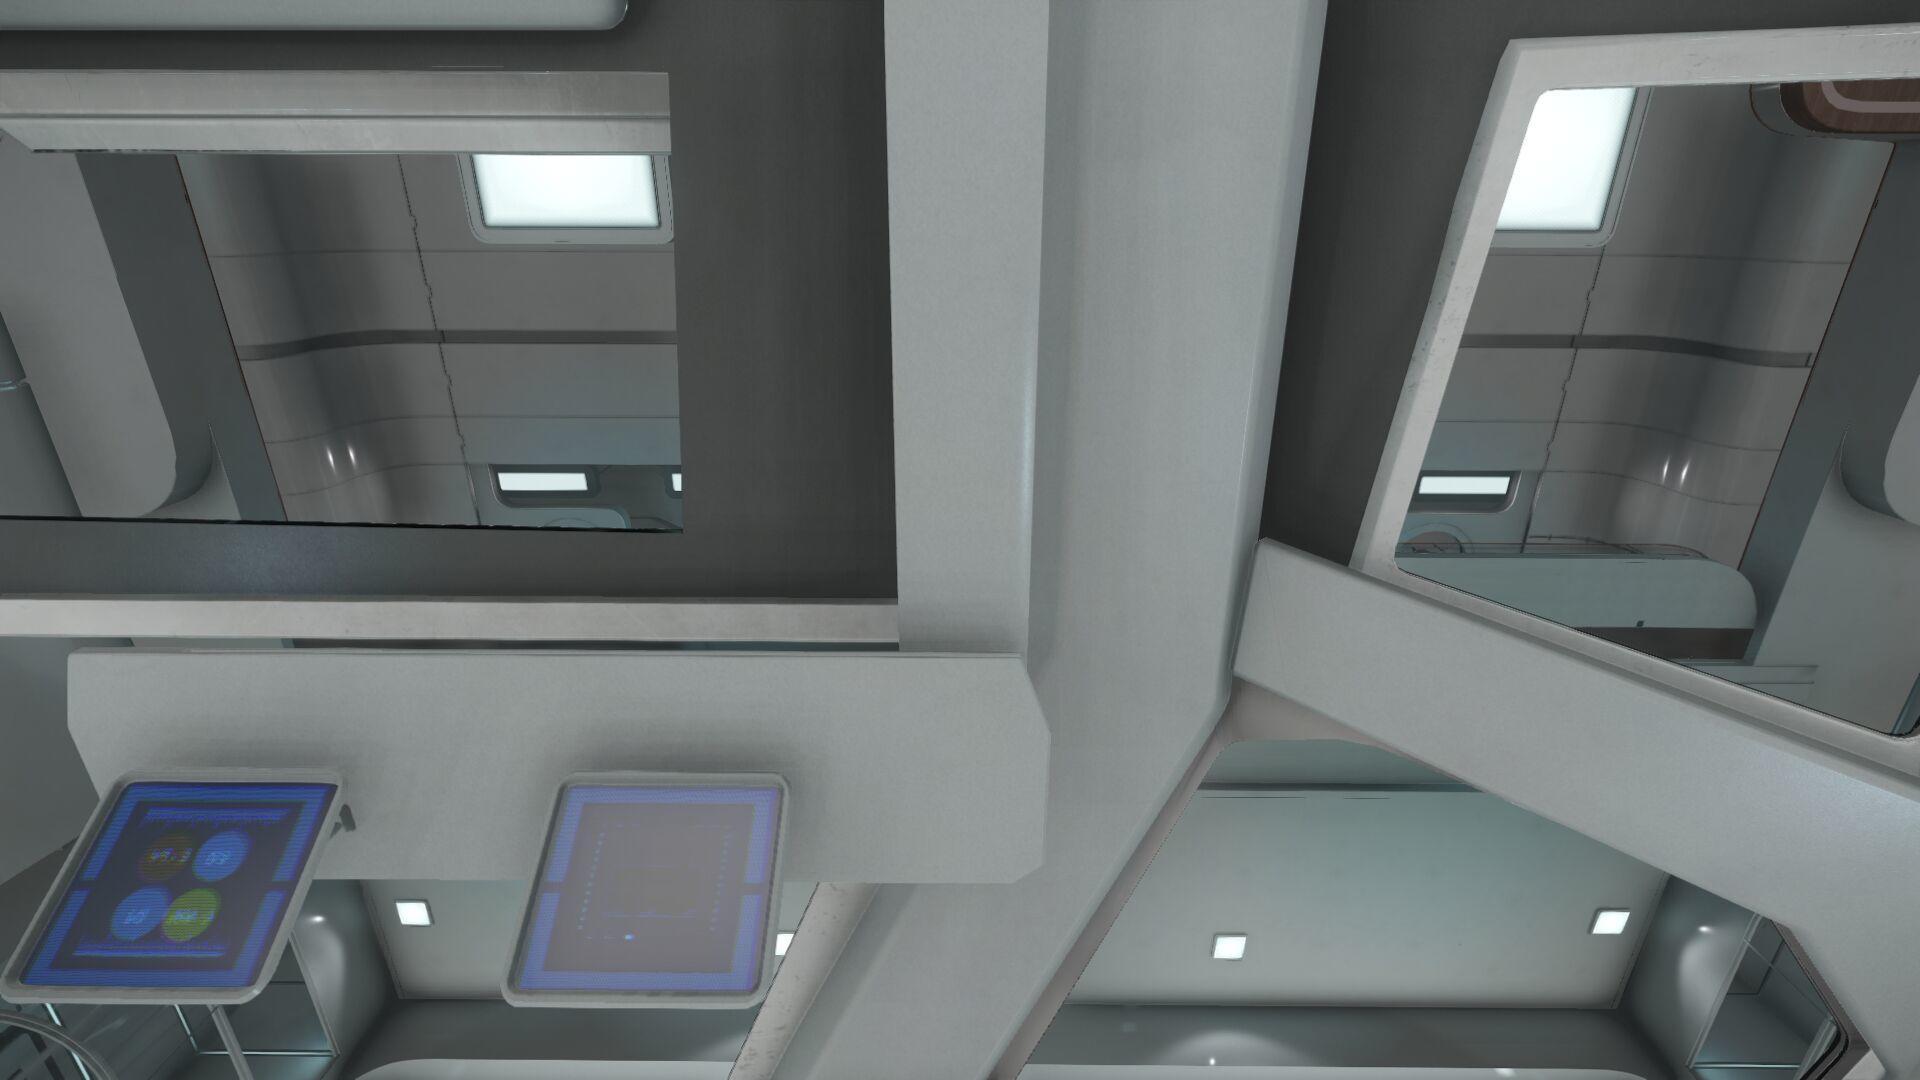 Wygląd wnętrza - widok z prawego fotela członka załogi - z górę